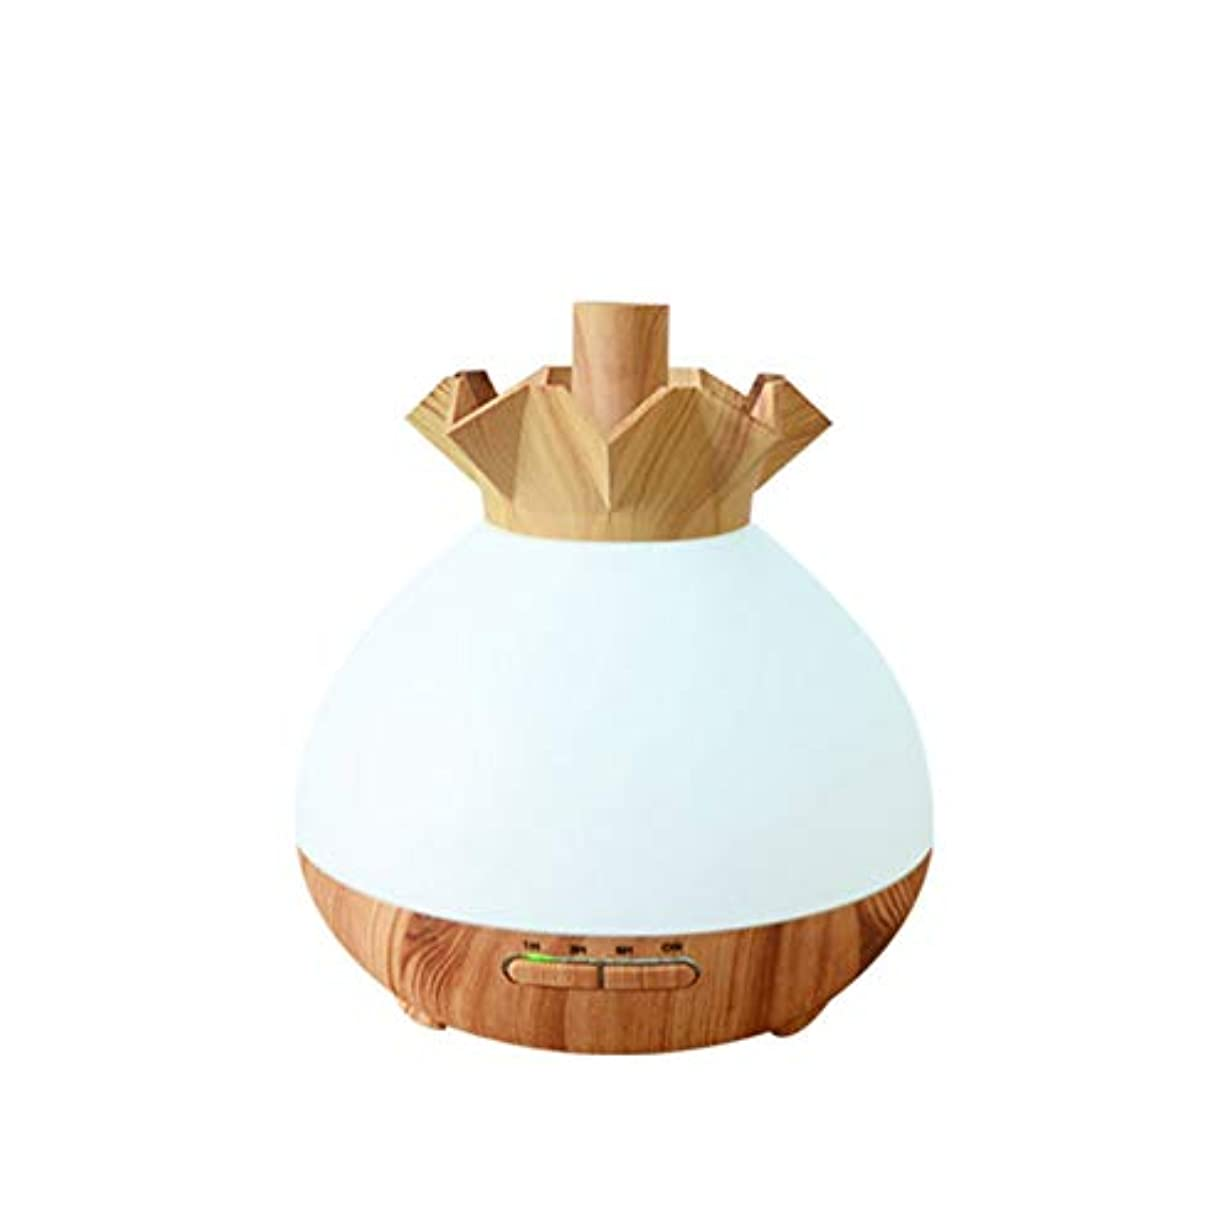 付添人ブロックする毒液Wifiアプリコントロール 涼しい霧 加湿器,7 色 木目 空気を浄化 加湿機 プレミアム サイレント 精油 ディフューザー アロマネブライザー ベッド- 400ml